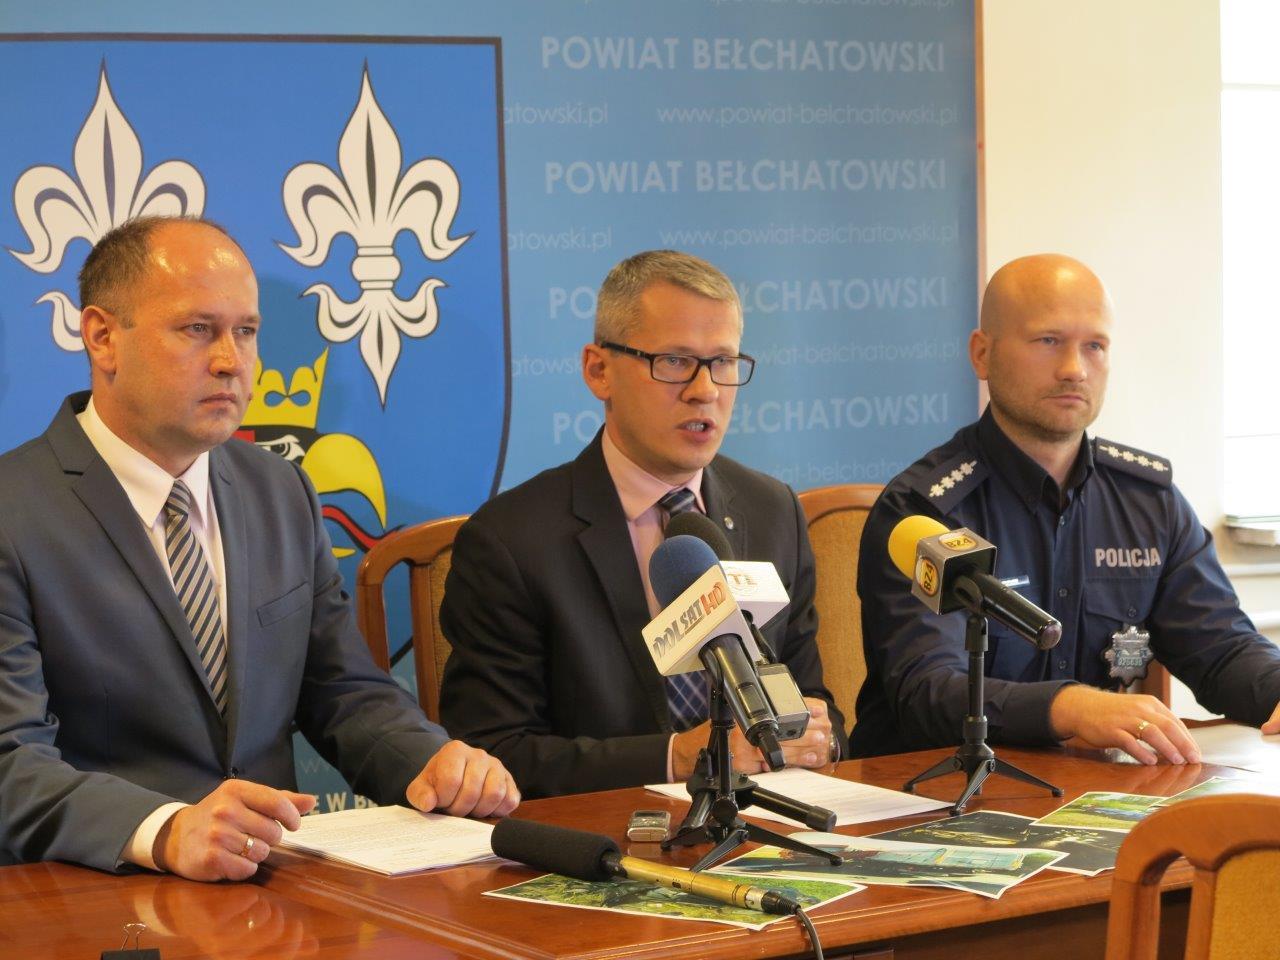 konferencja_starosta_bełchatowski